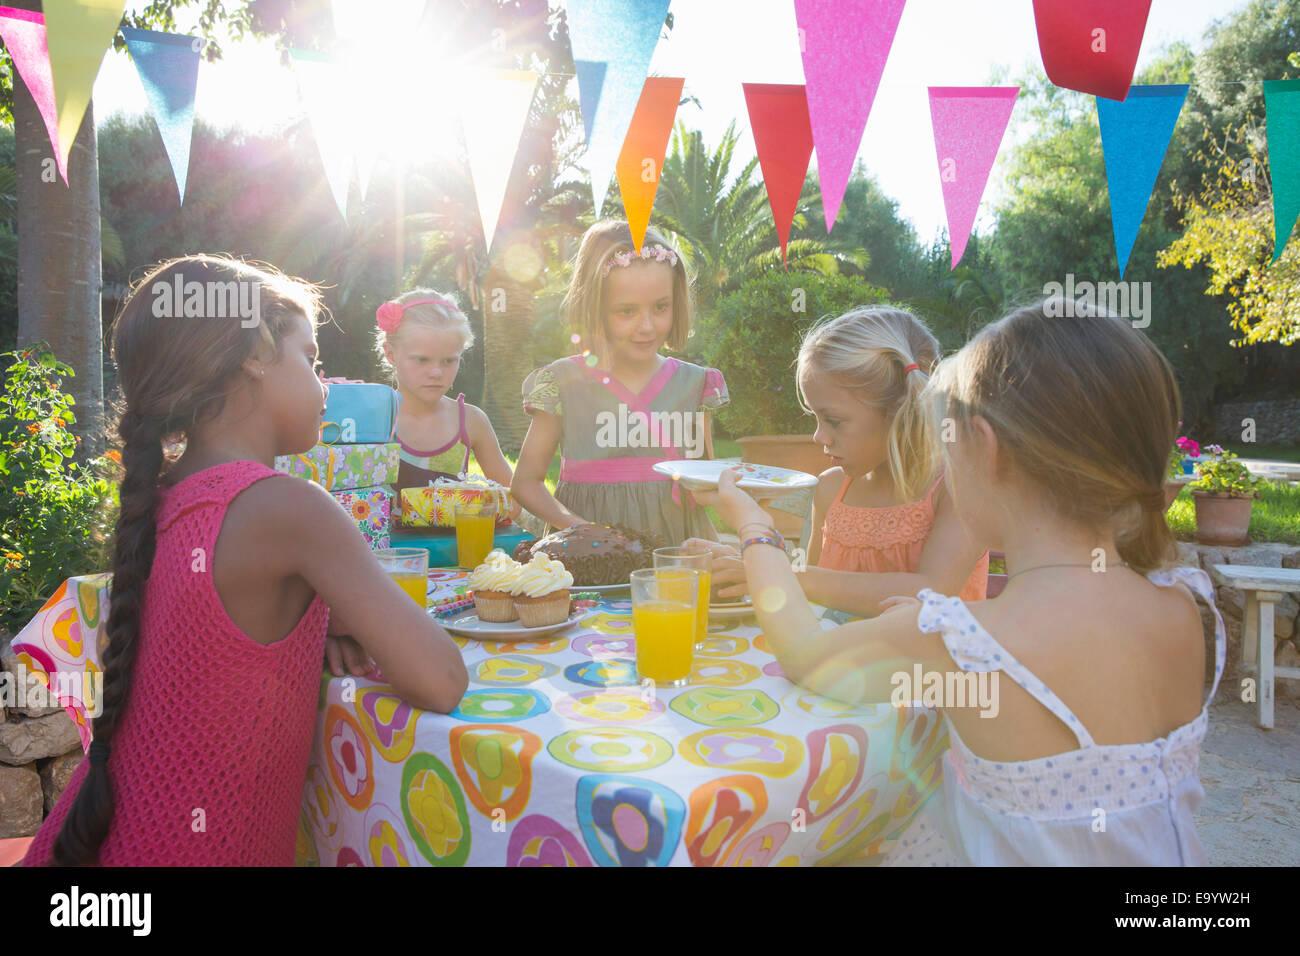 La ragazza che serve gli amici torta di compleanno Immagini Stock